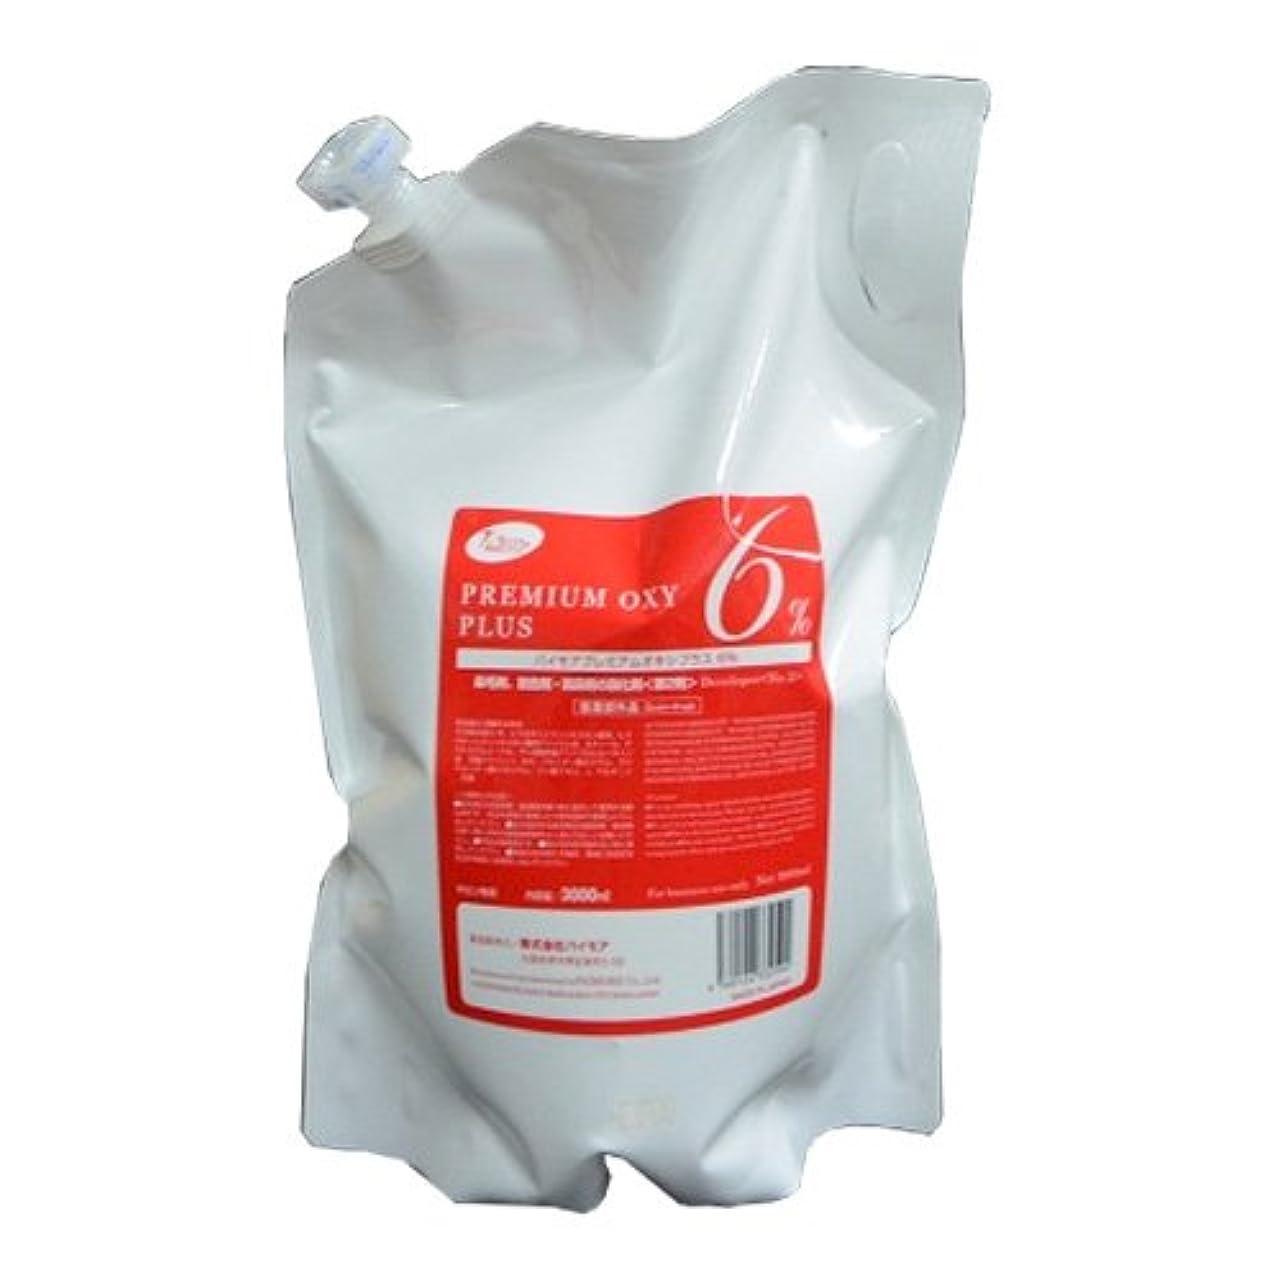 ドラフトオーバーコート急勾配のパイモア プレミアムオキシプラス 6%(レフィルタイプ) 3000ml [医薬部外品]